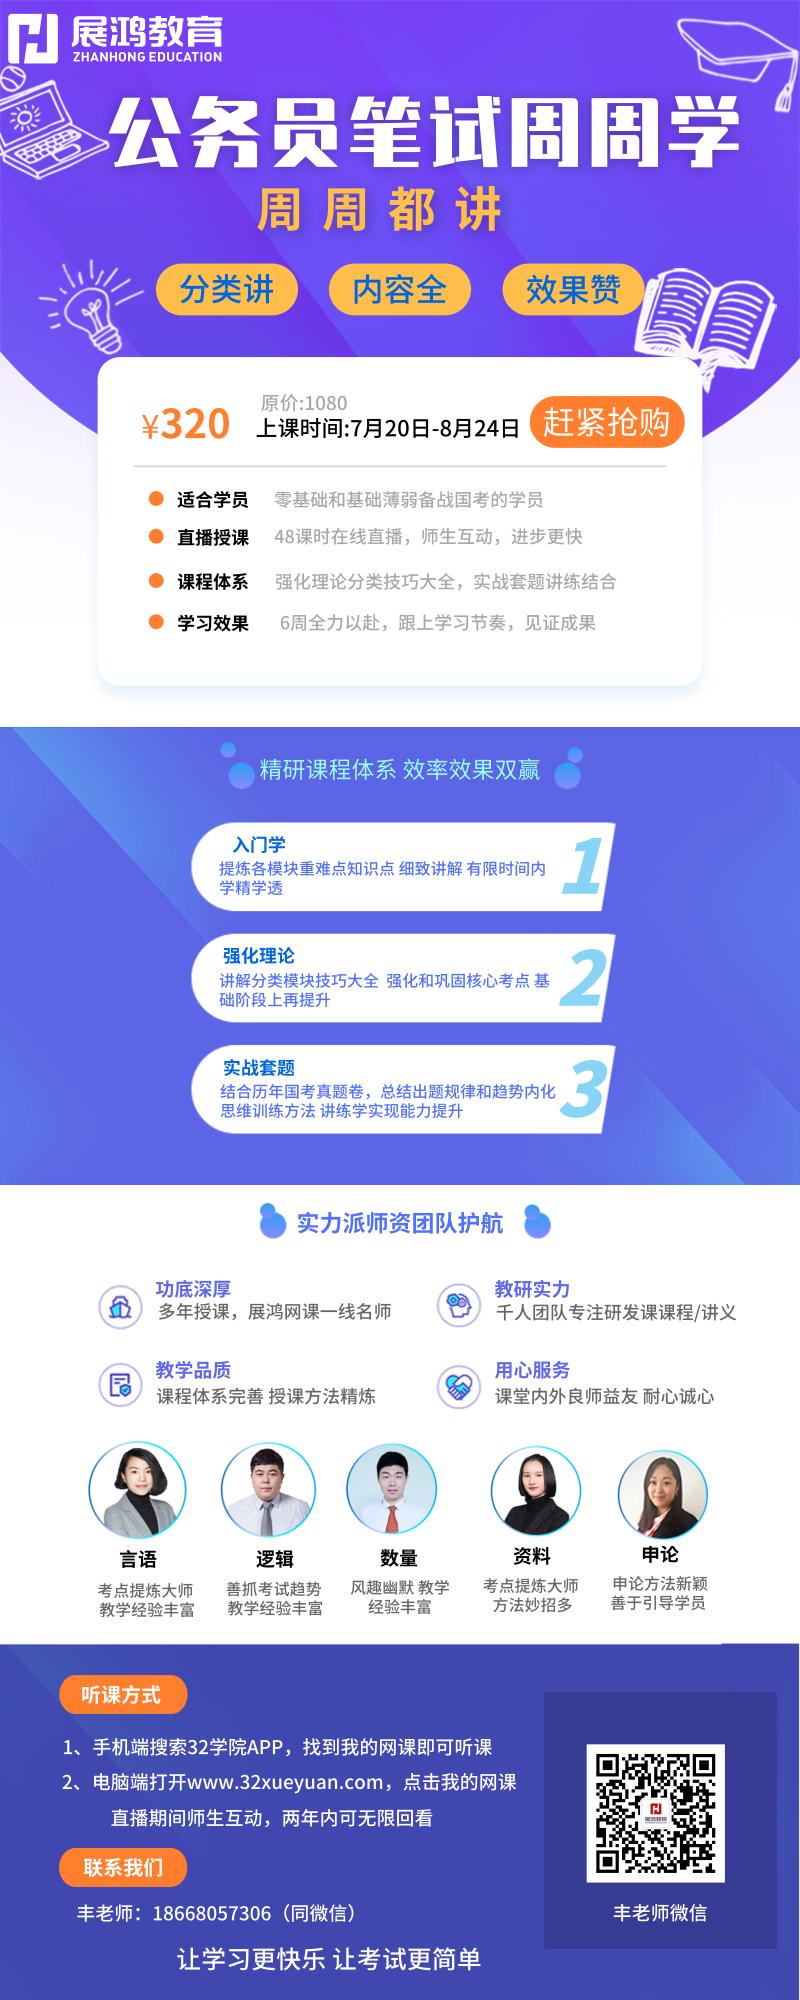 默认标题_长图海报_2019.08.27.png